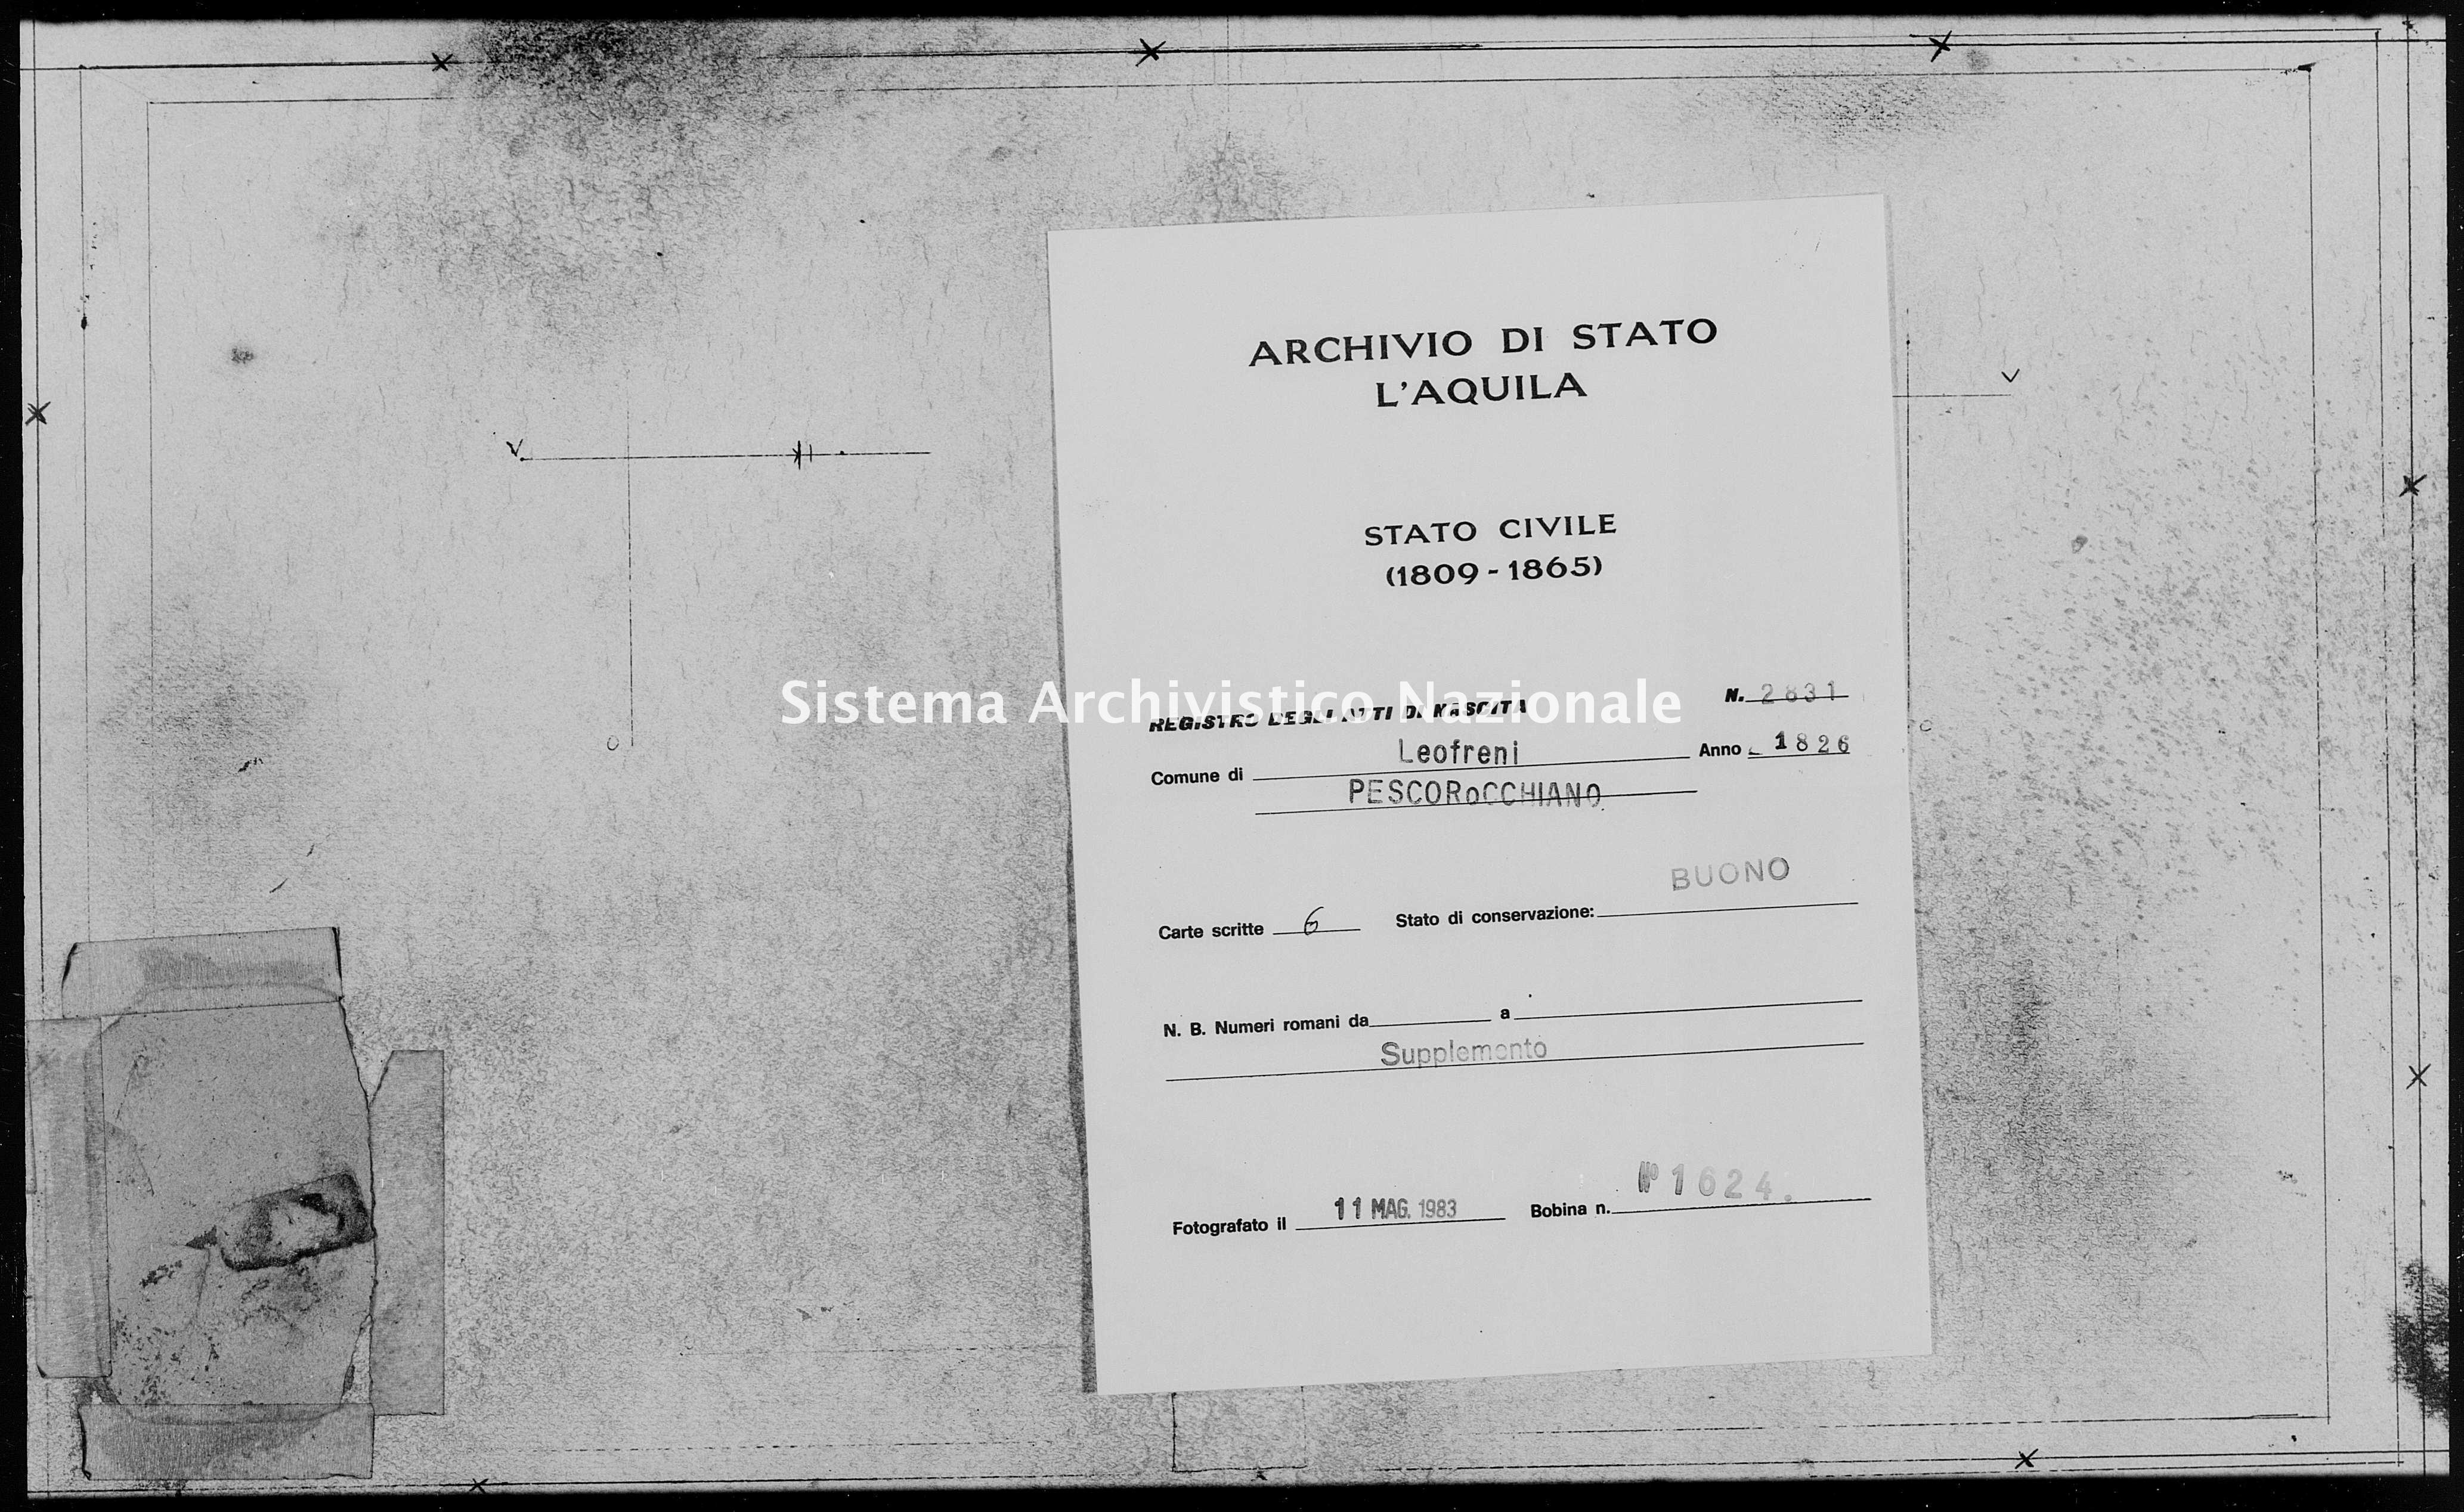 Archivio di stato di L'aquila - Stato civile della restaurazione - Leofreni - Nati, battesimi - 1826 - 2831 -